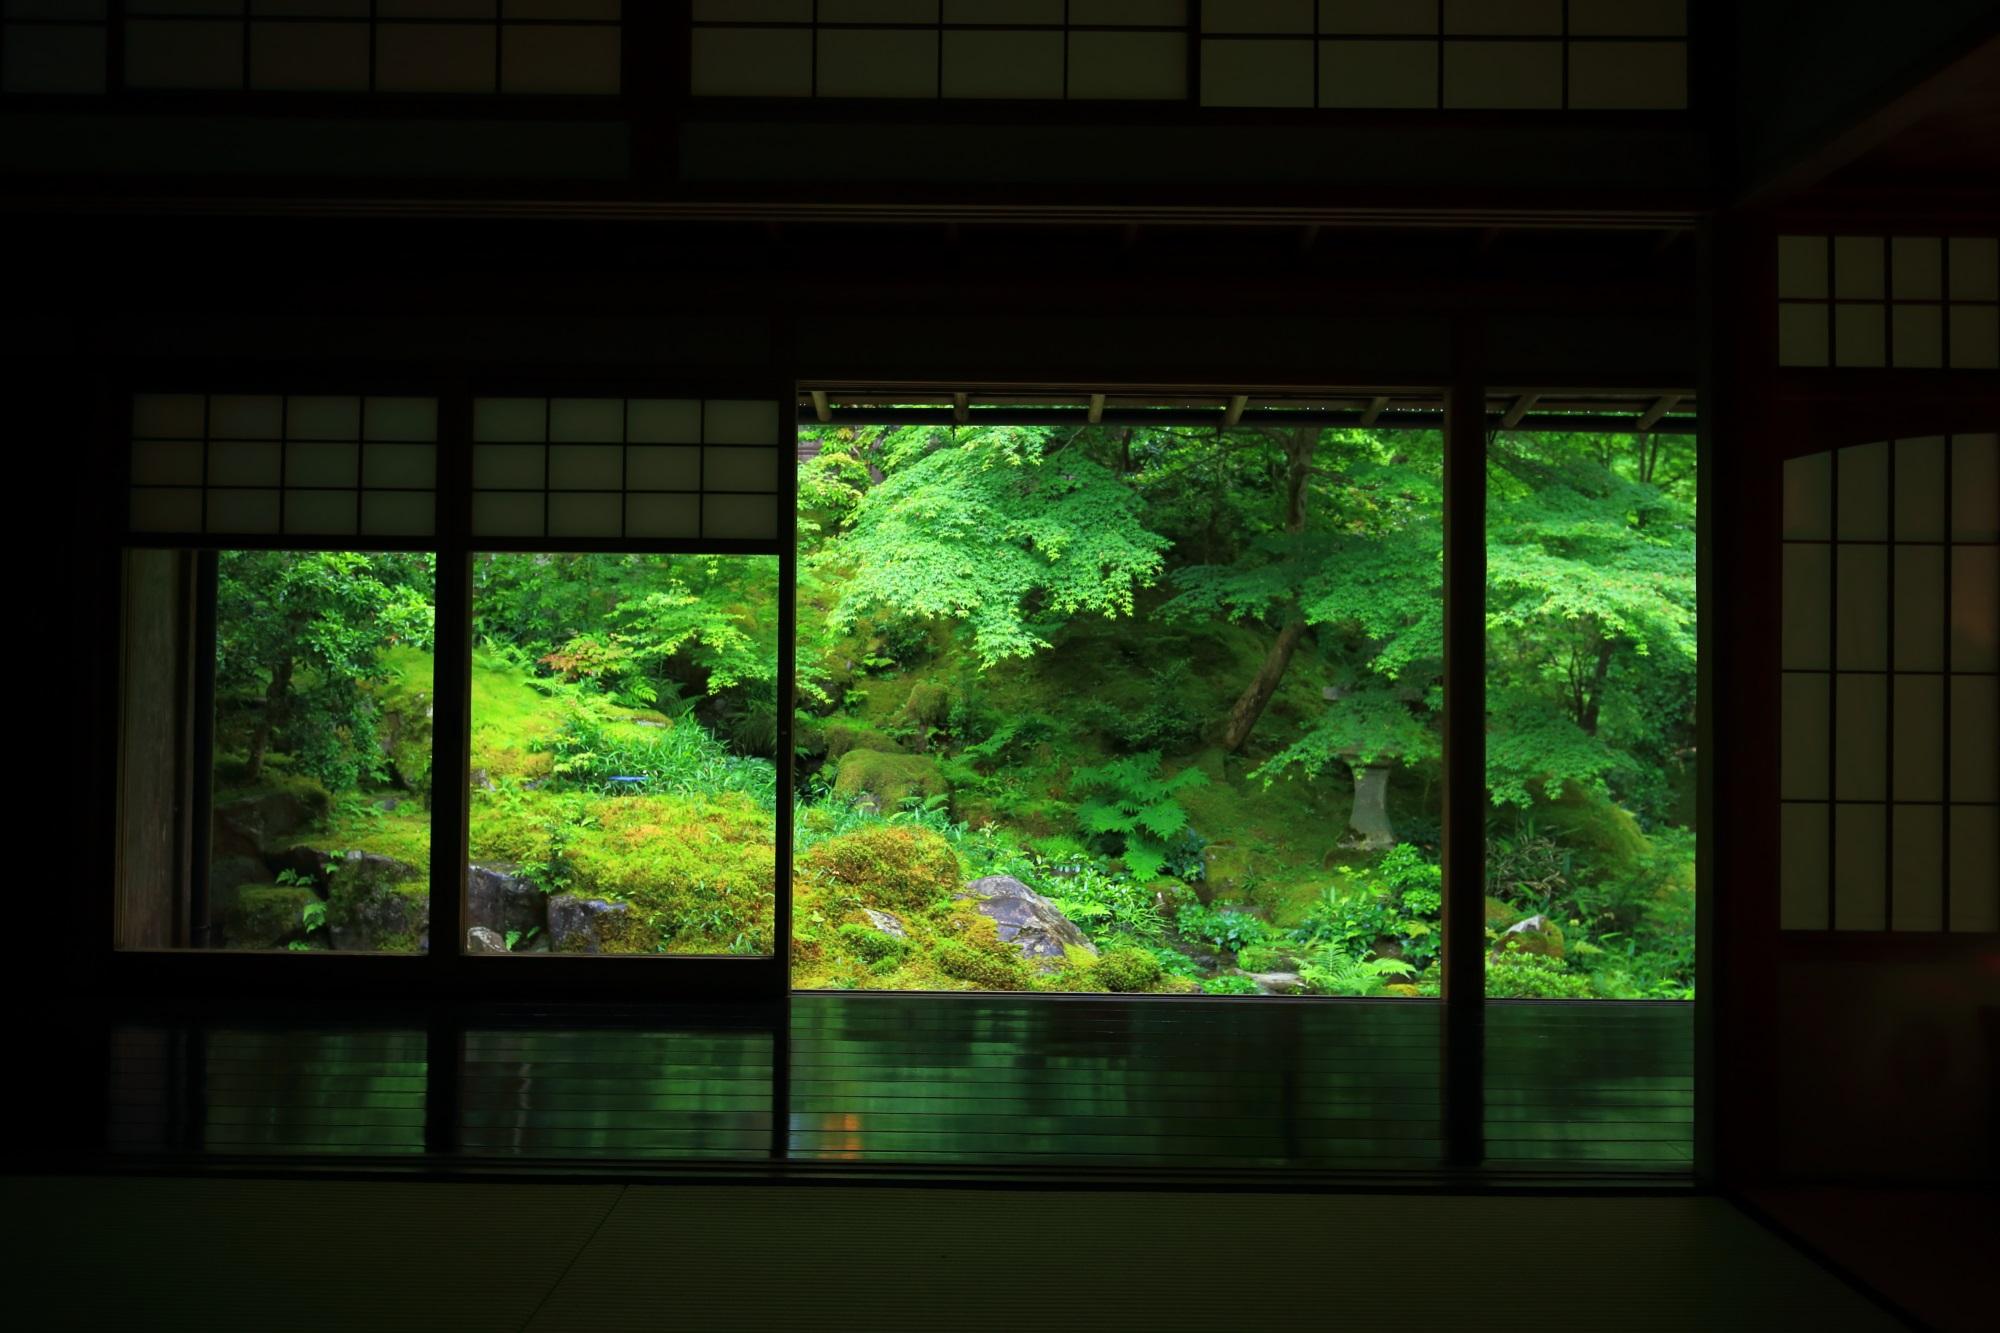 臥龍の庭 瑠璃光院 新緑 苔